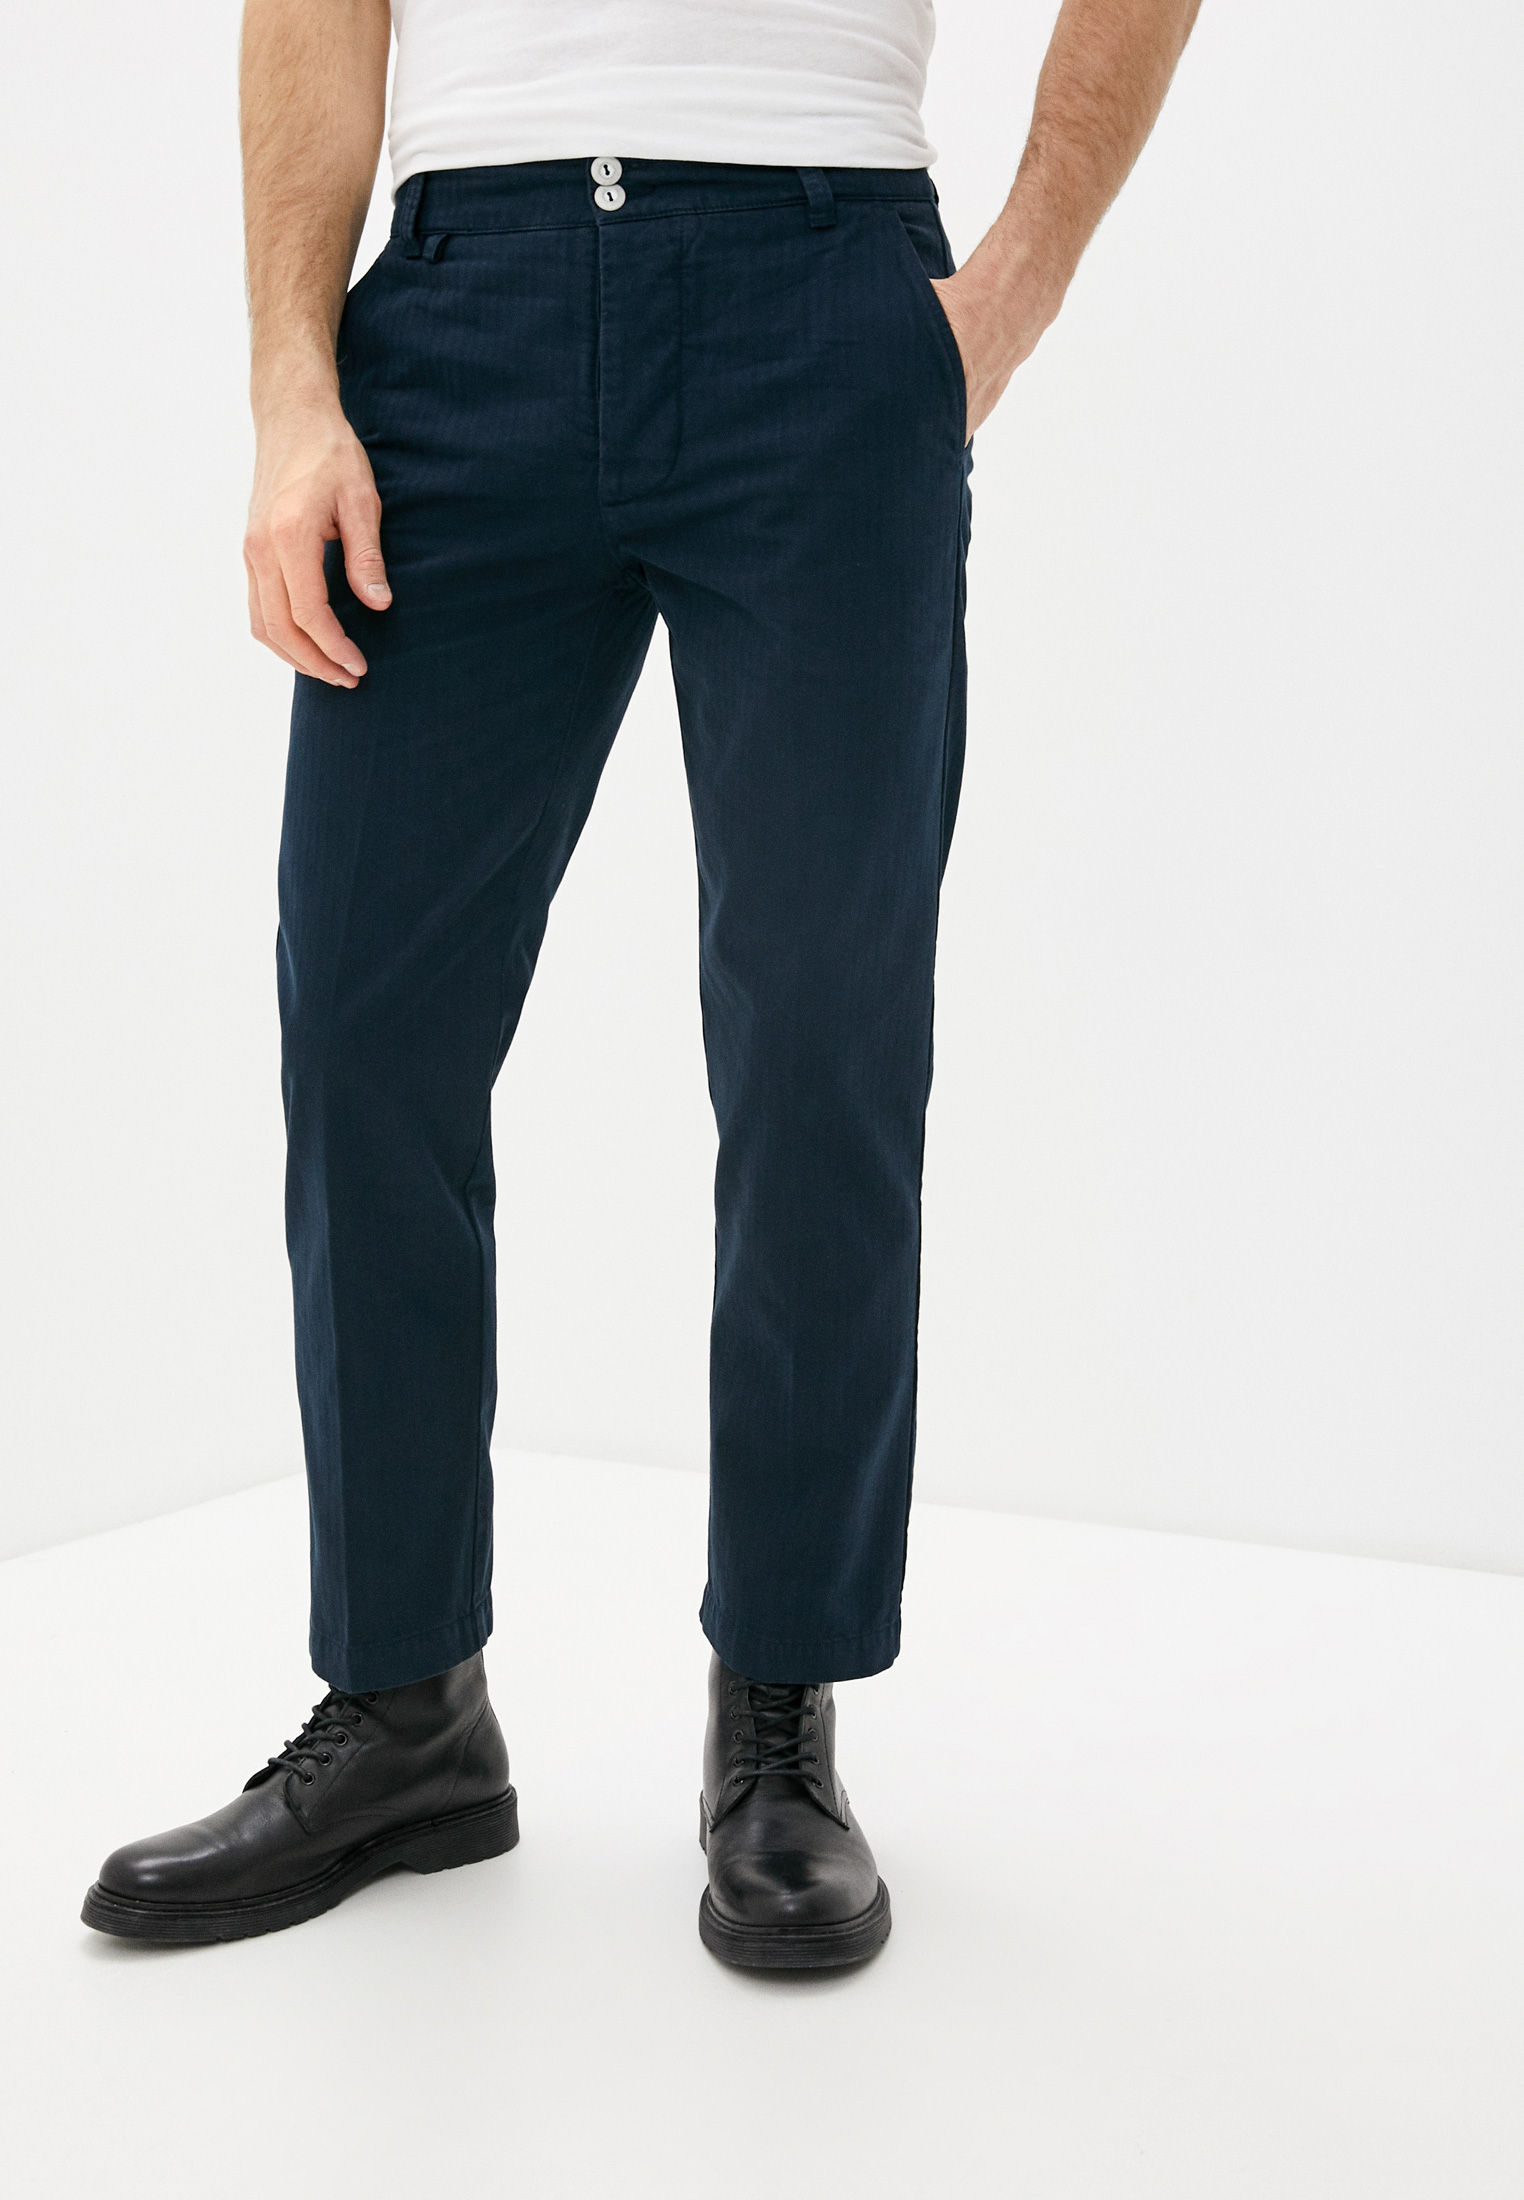 Мужские повседневные брюки Vivienne Westwood Anglomania (Вивьен Вествуд Англомания) 21020001-11272-EU